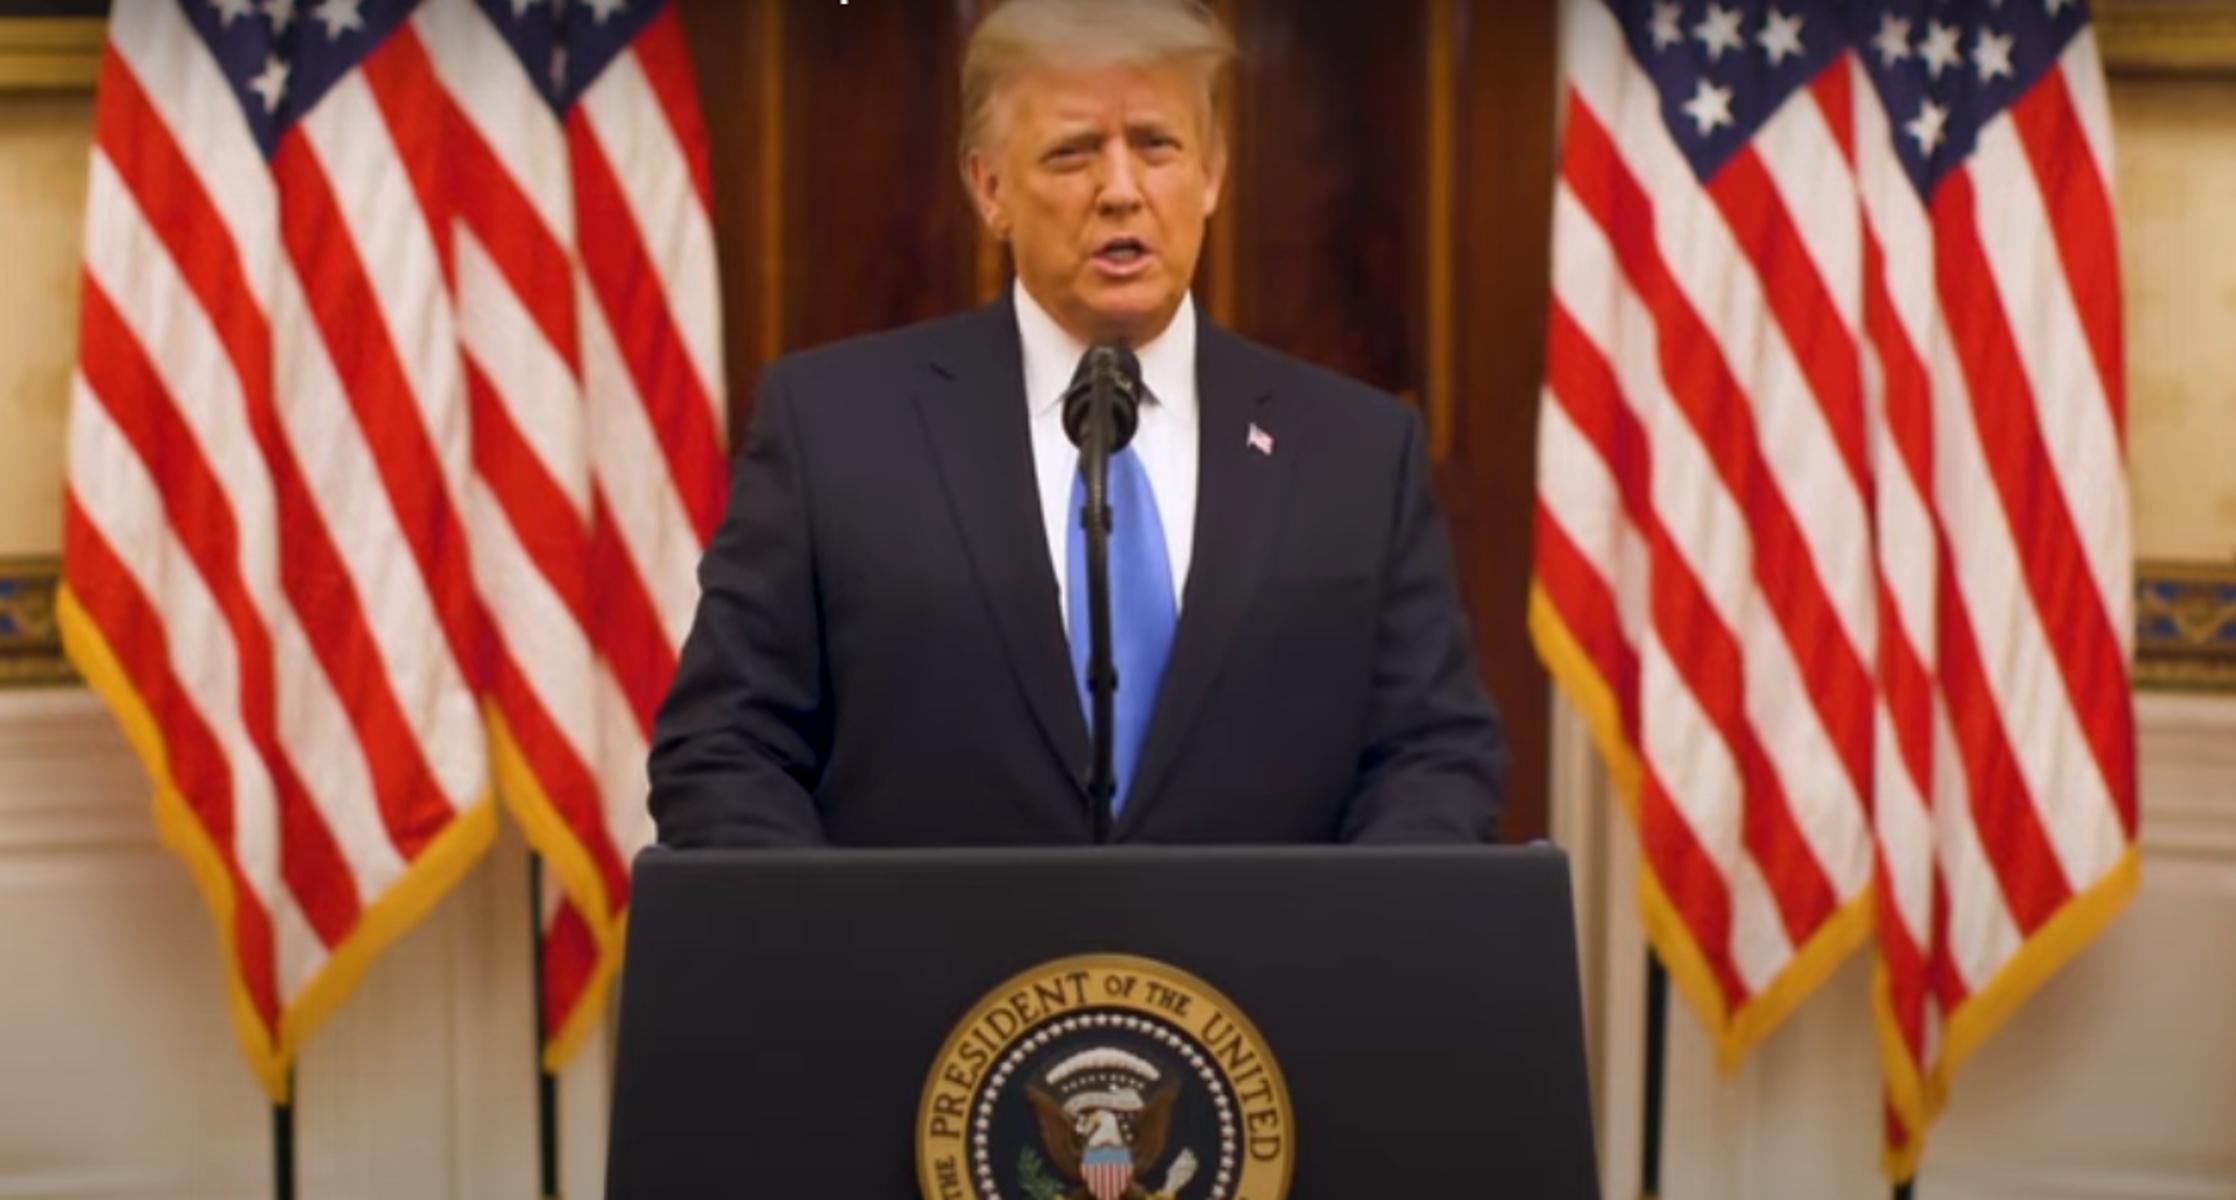 Ντόναλντ Τραμπ: «Λίγος» και στο αντίο του – Επί 20 λεπτά έπλεκε το εγκώμιό του και ο Μπάιντεν αόρατος